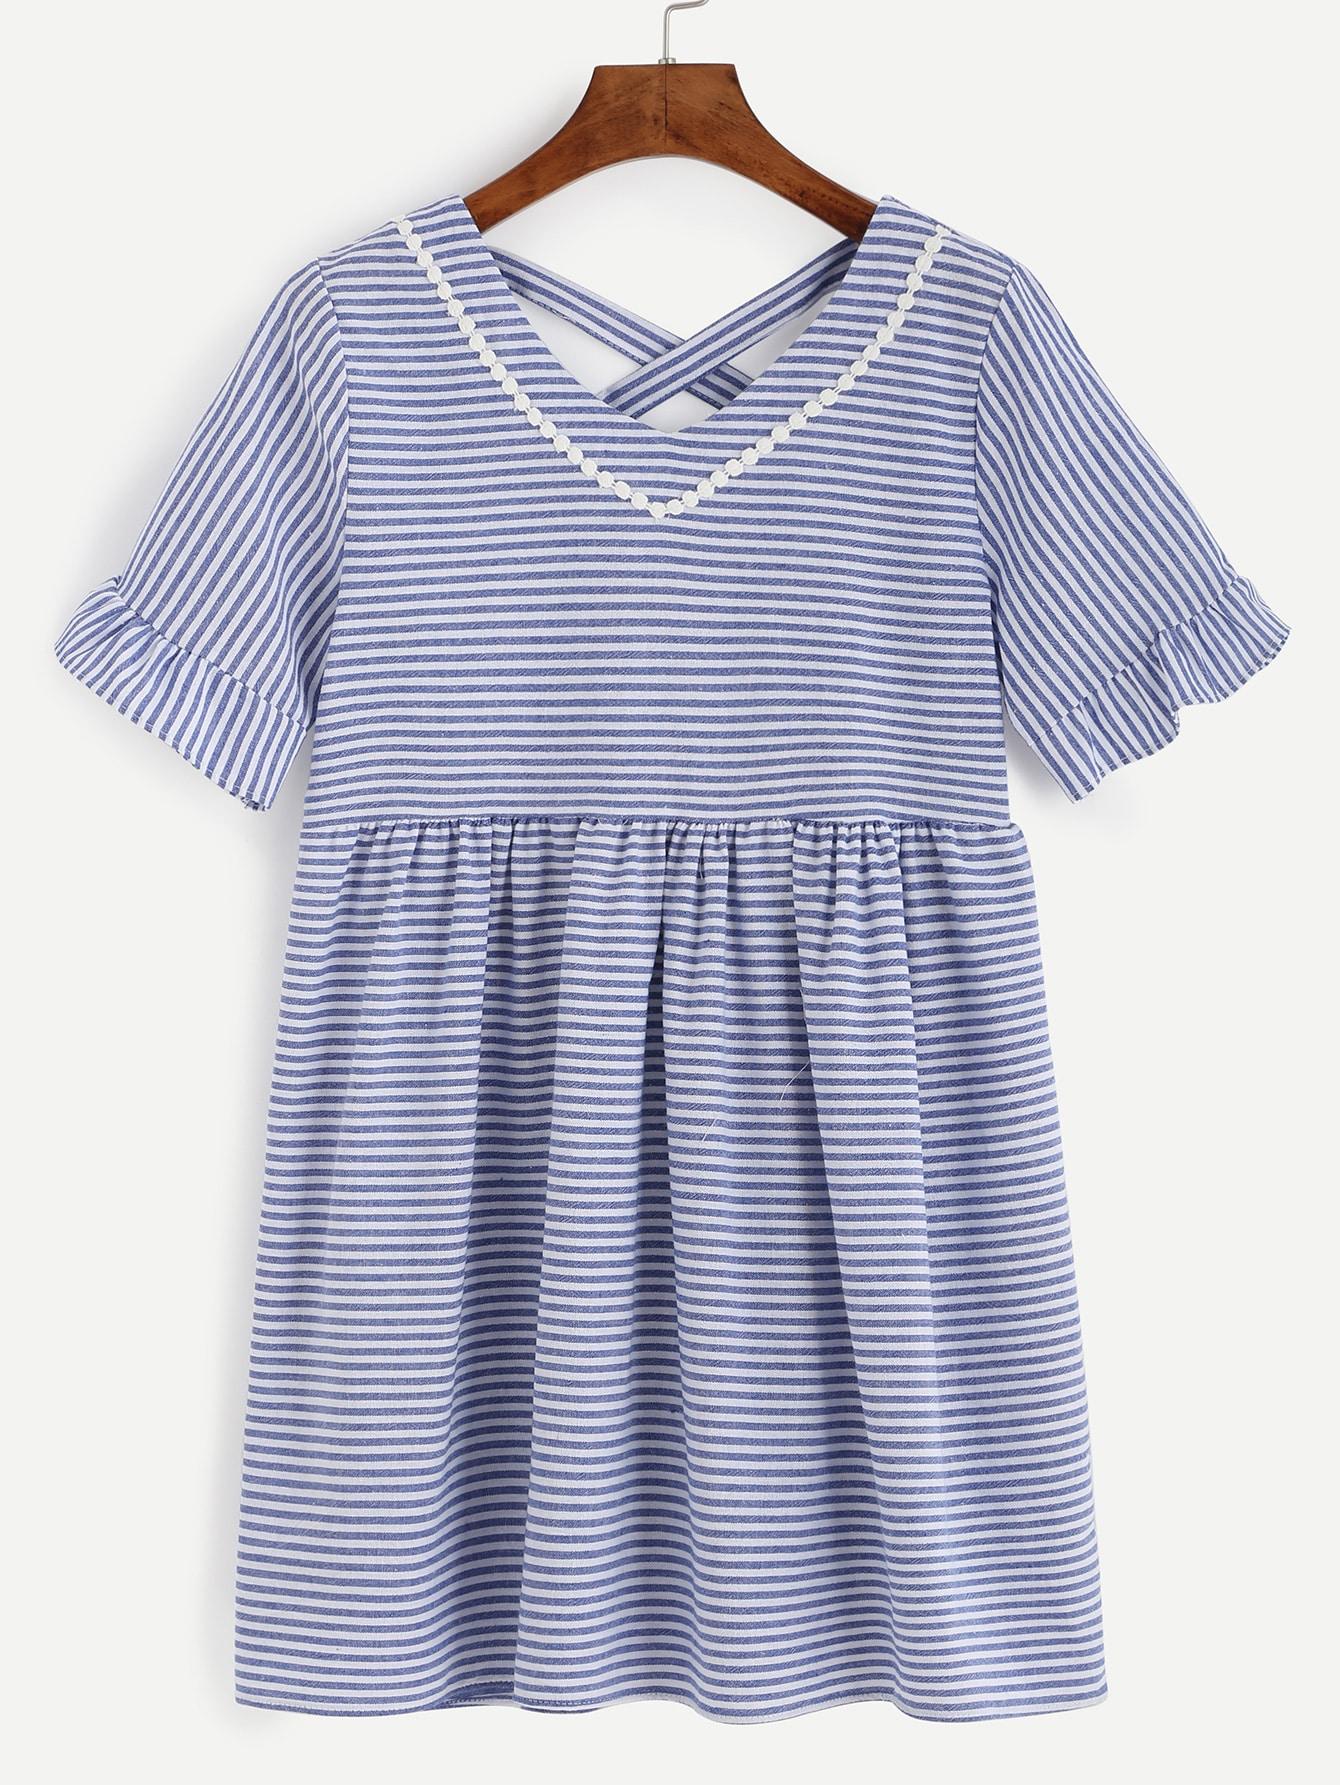 dress160804121_2